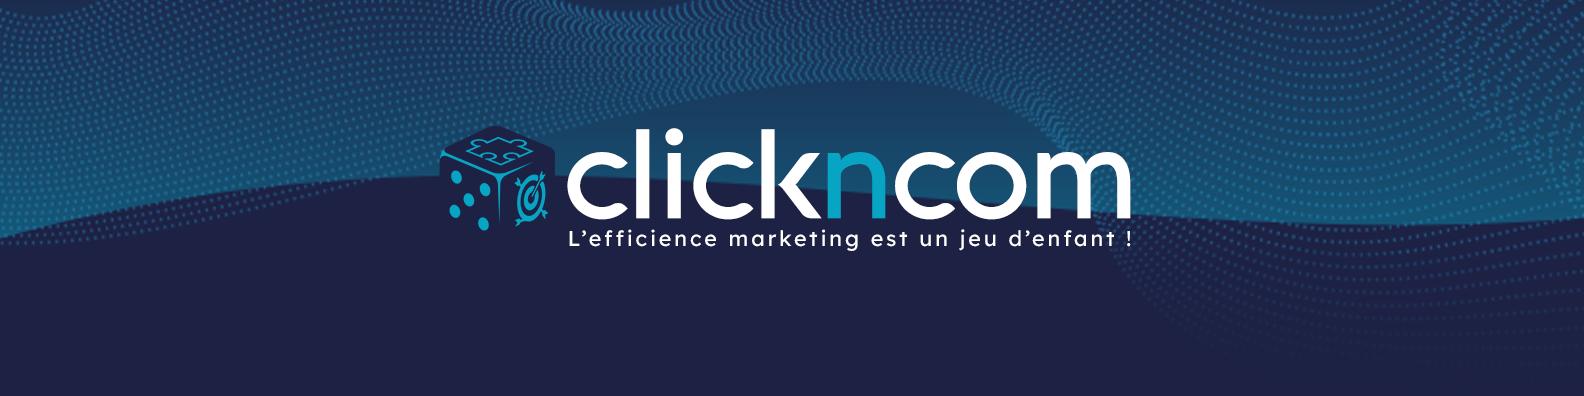 Avis Clickncom : Présentation de notre plateforme - Appvizer